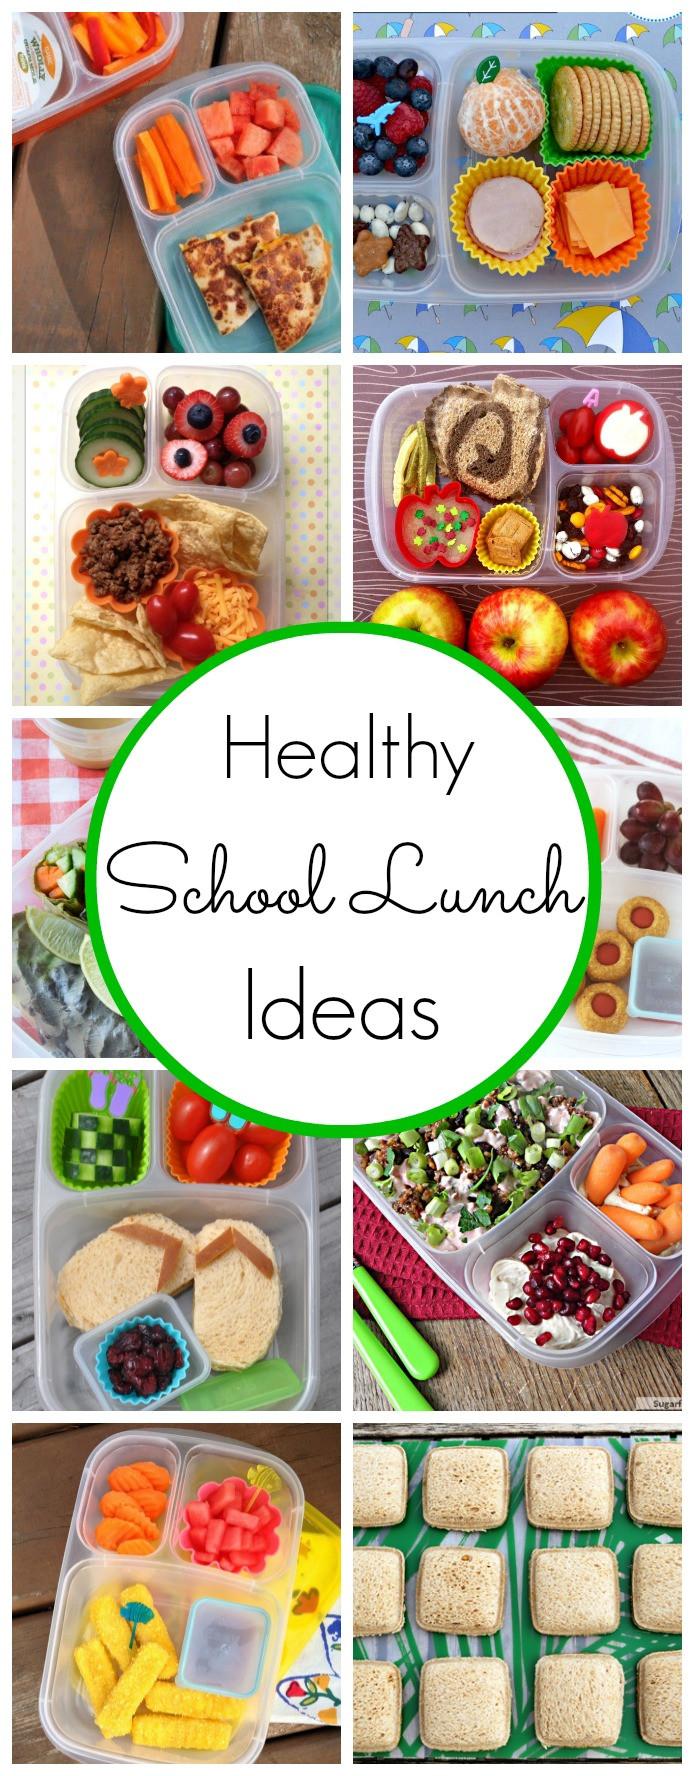 School Lunches Healthy  Healthy School Lunch Ideas